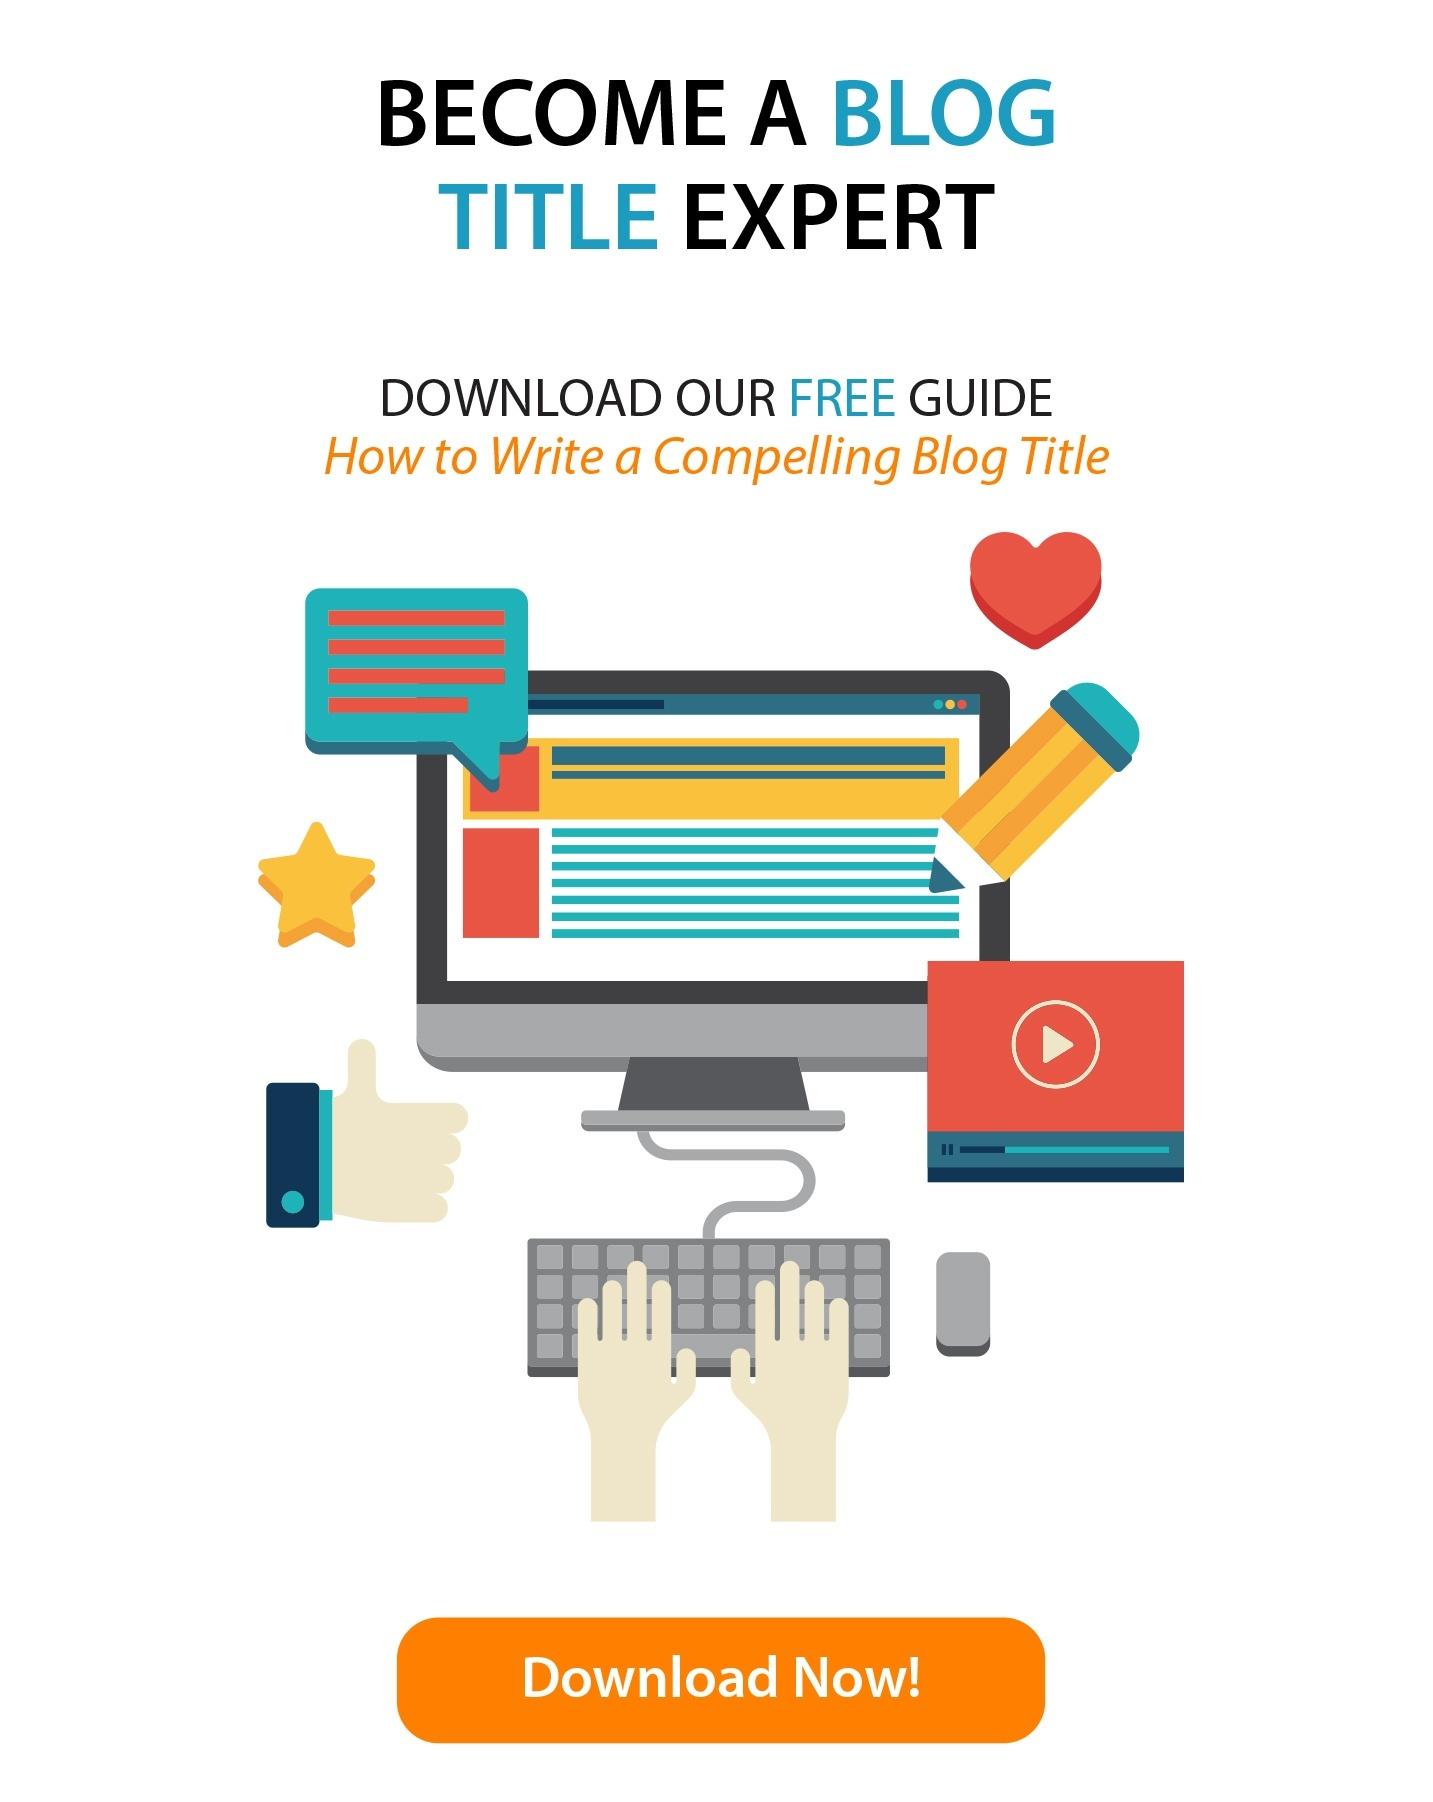 Become a Blog title expert